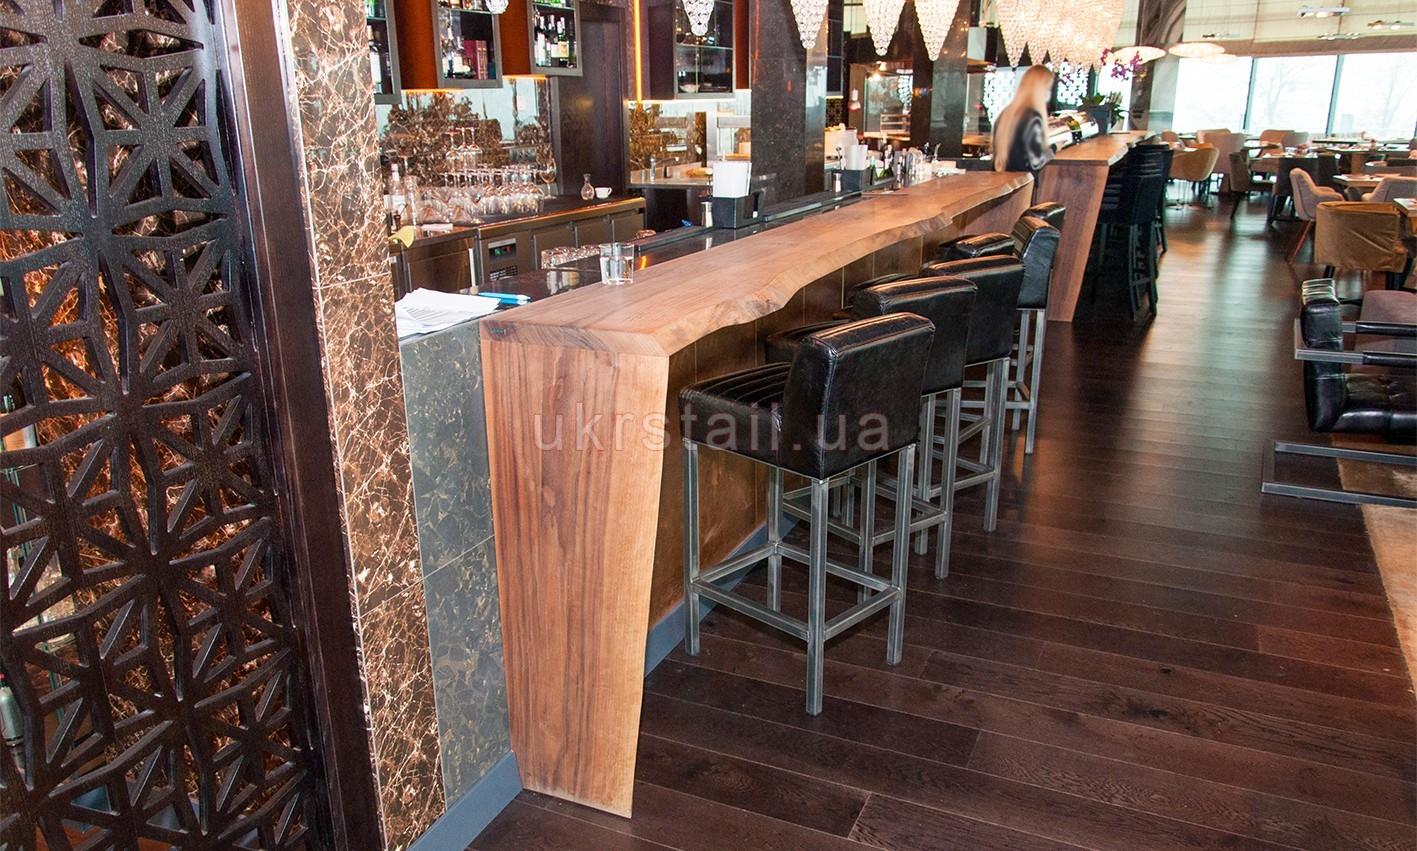 Барная стойка ресторана Guramma на Днепровском спуске 05